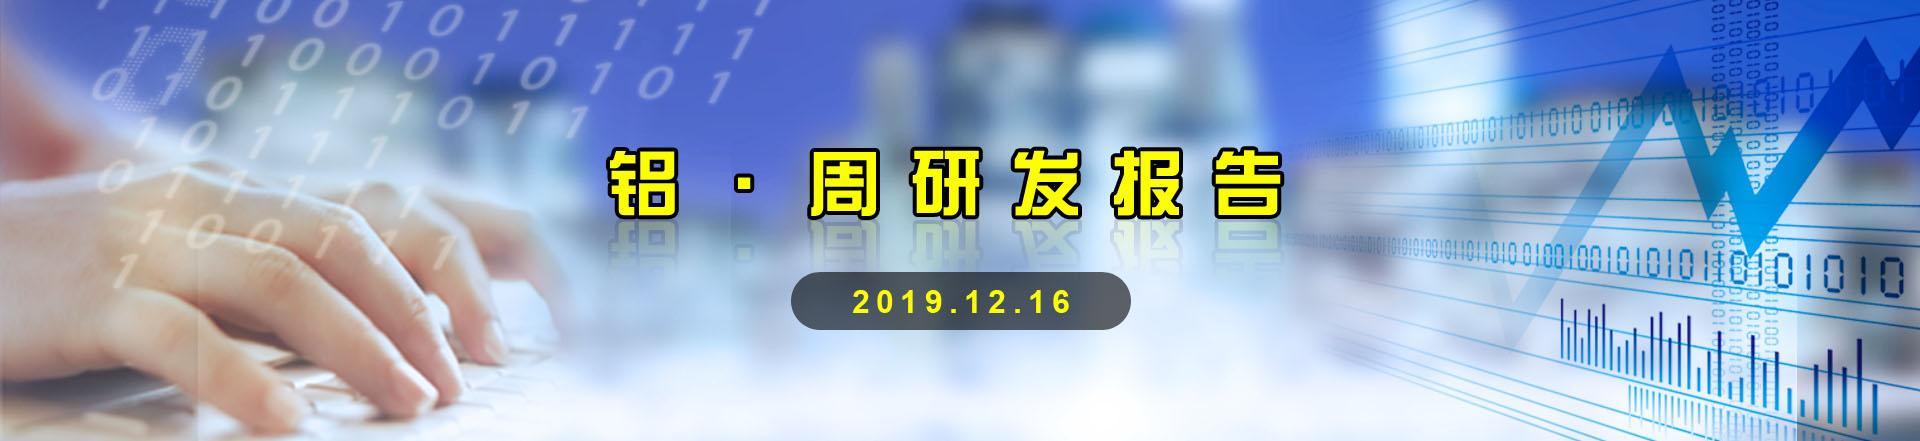 【铝】铝·周研发报告集锦 20191216